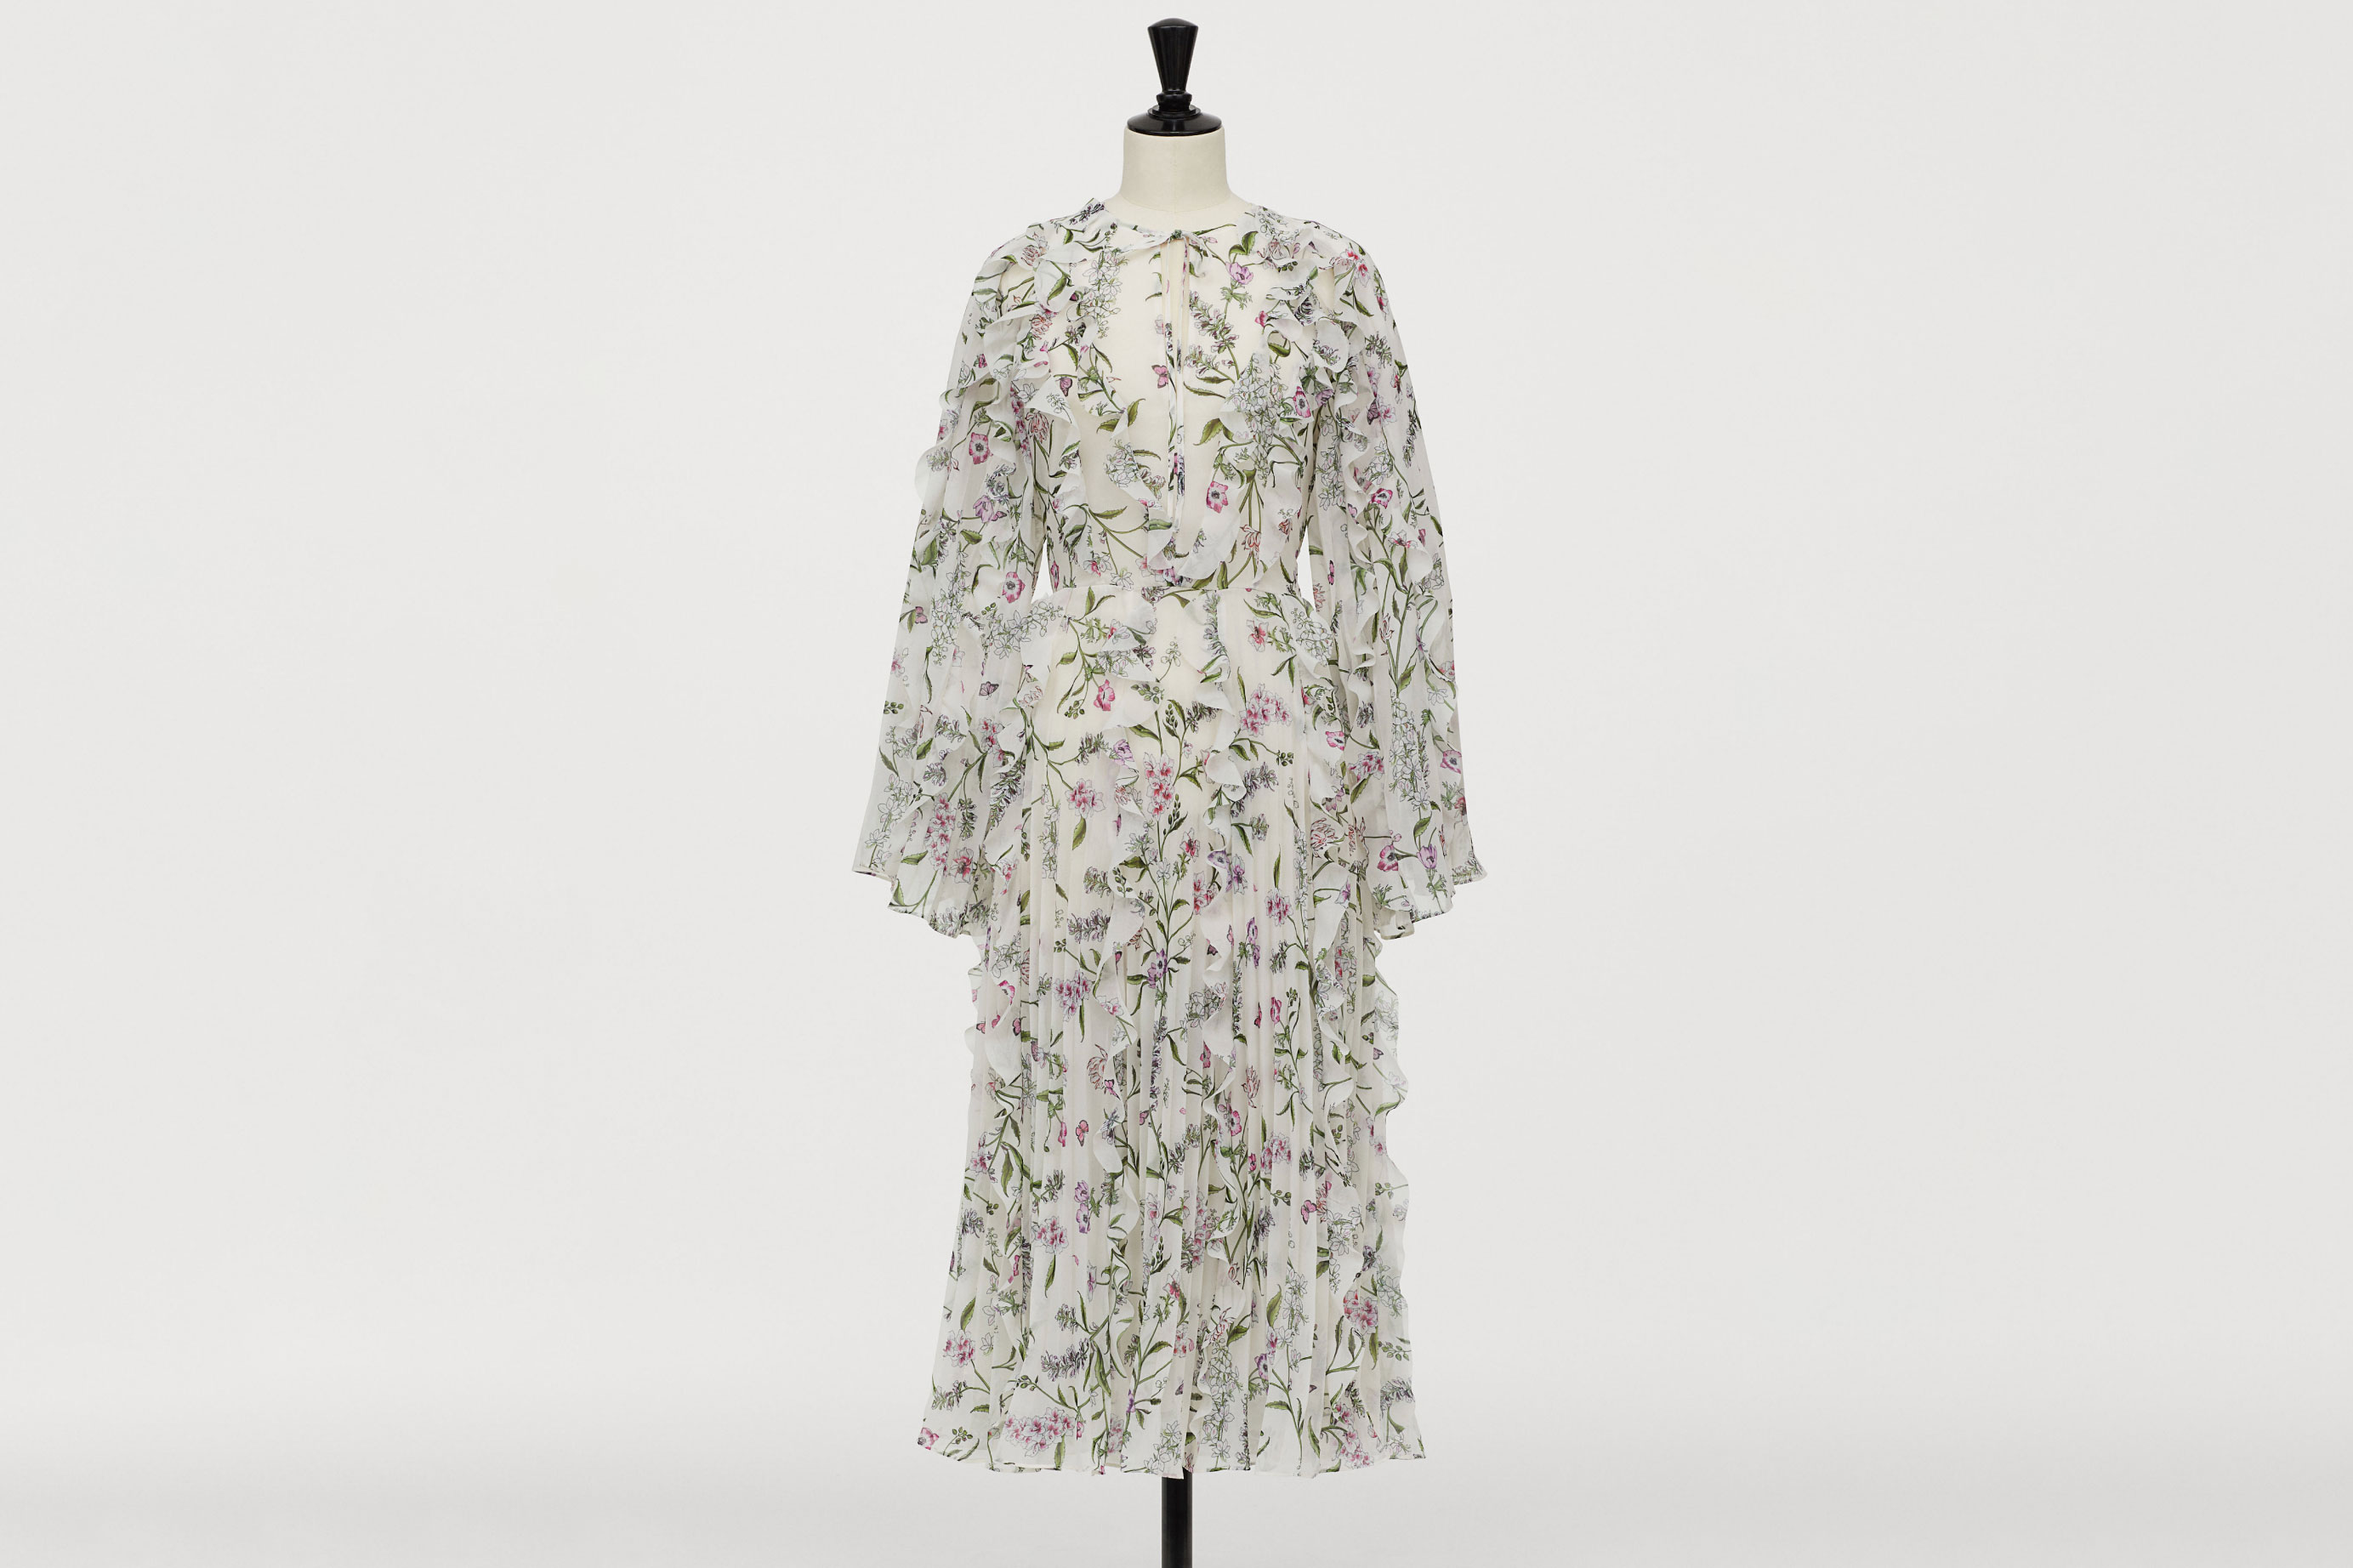 H&M x Giambattista Valli Chiffon Dress